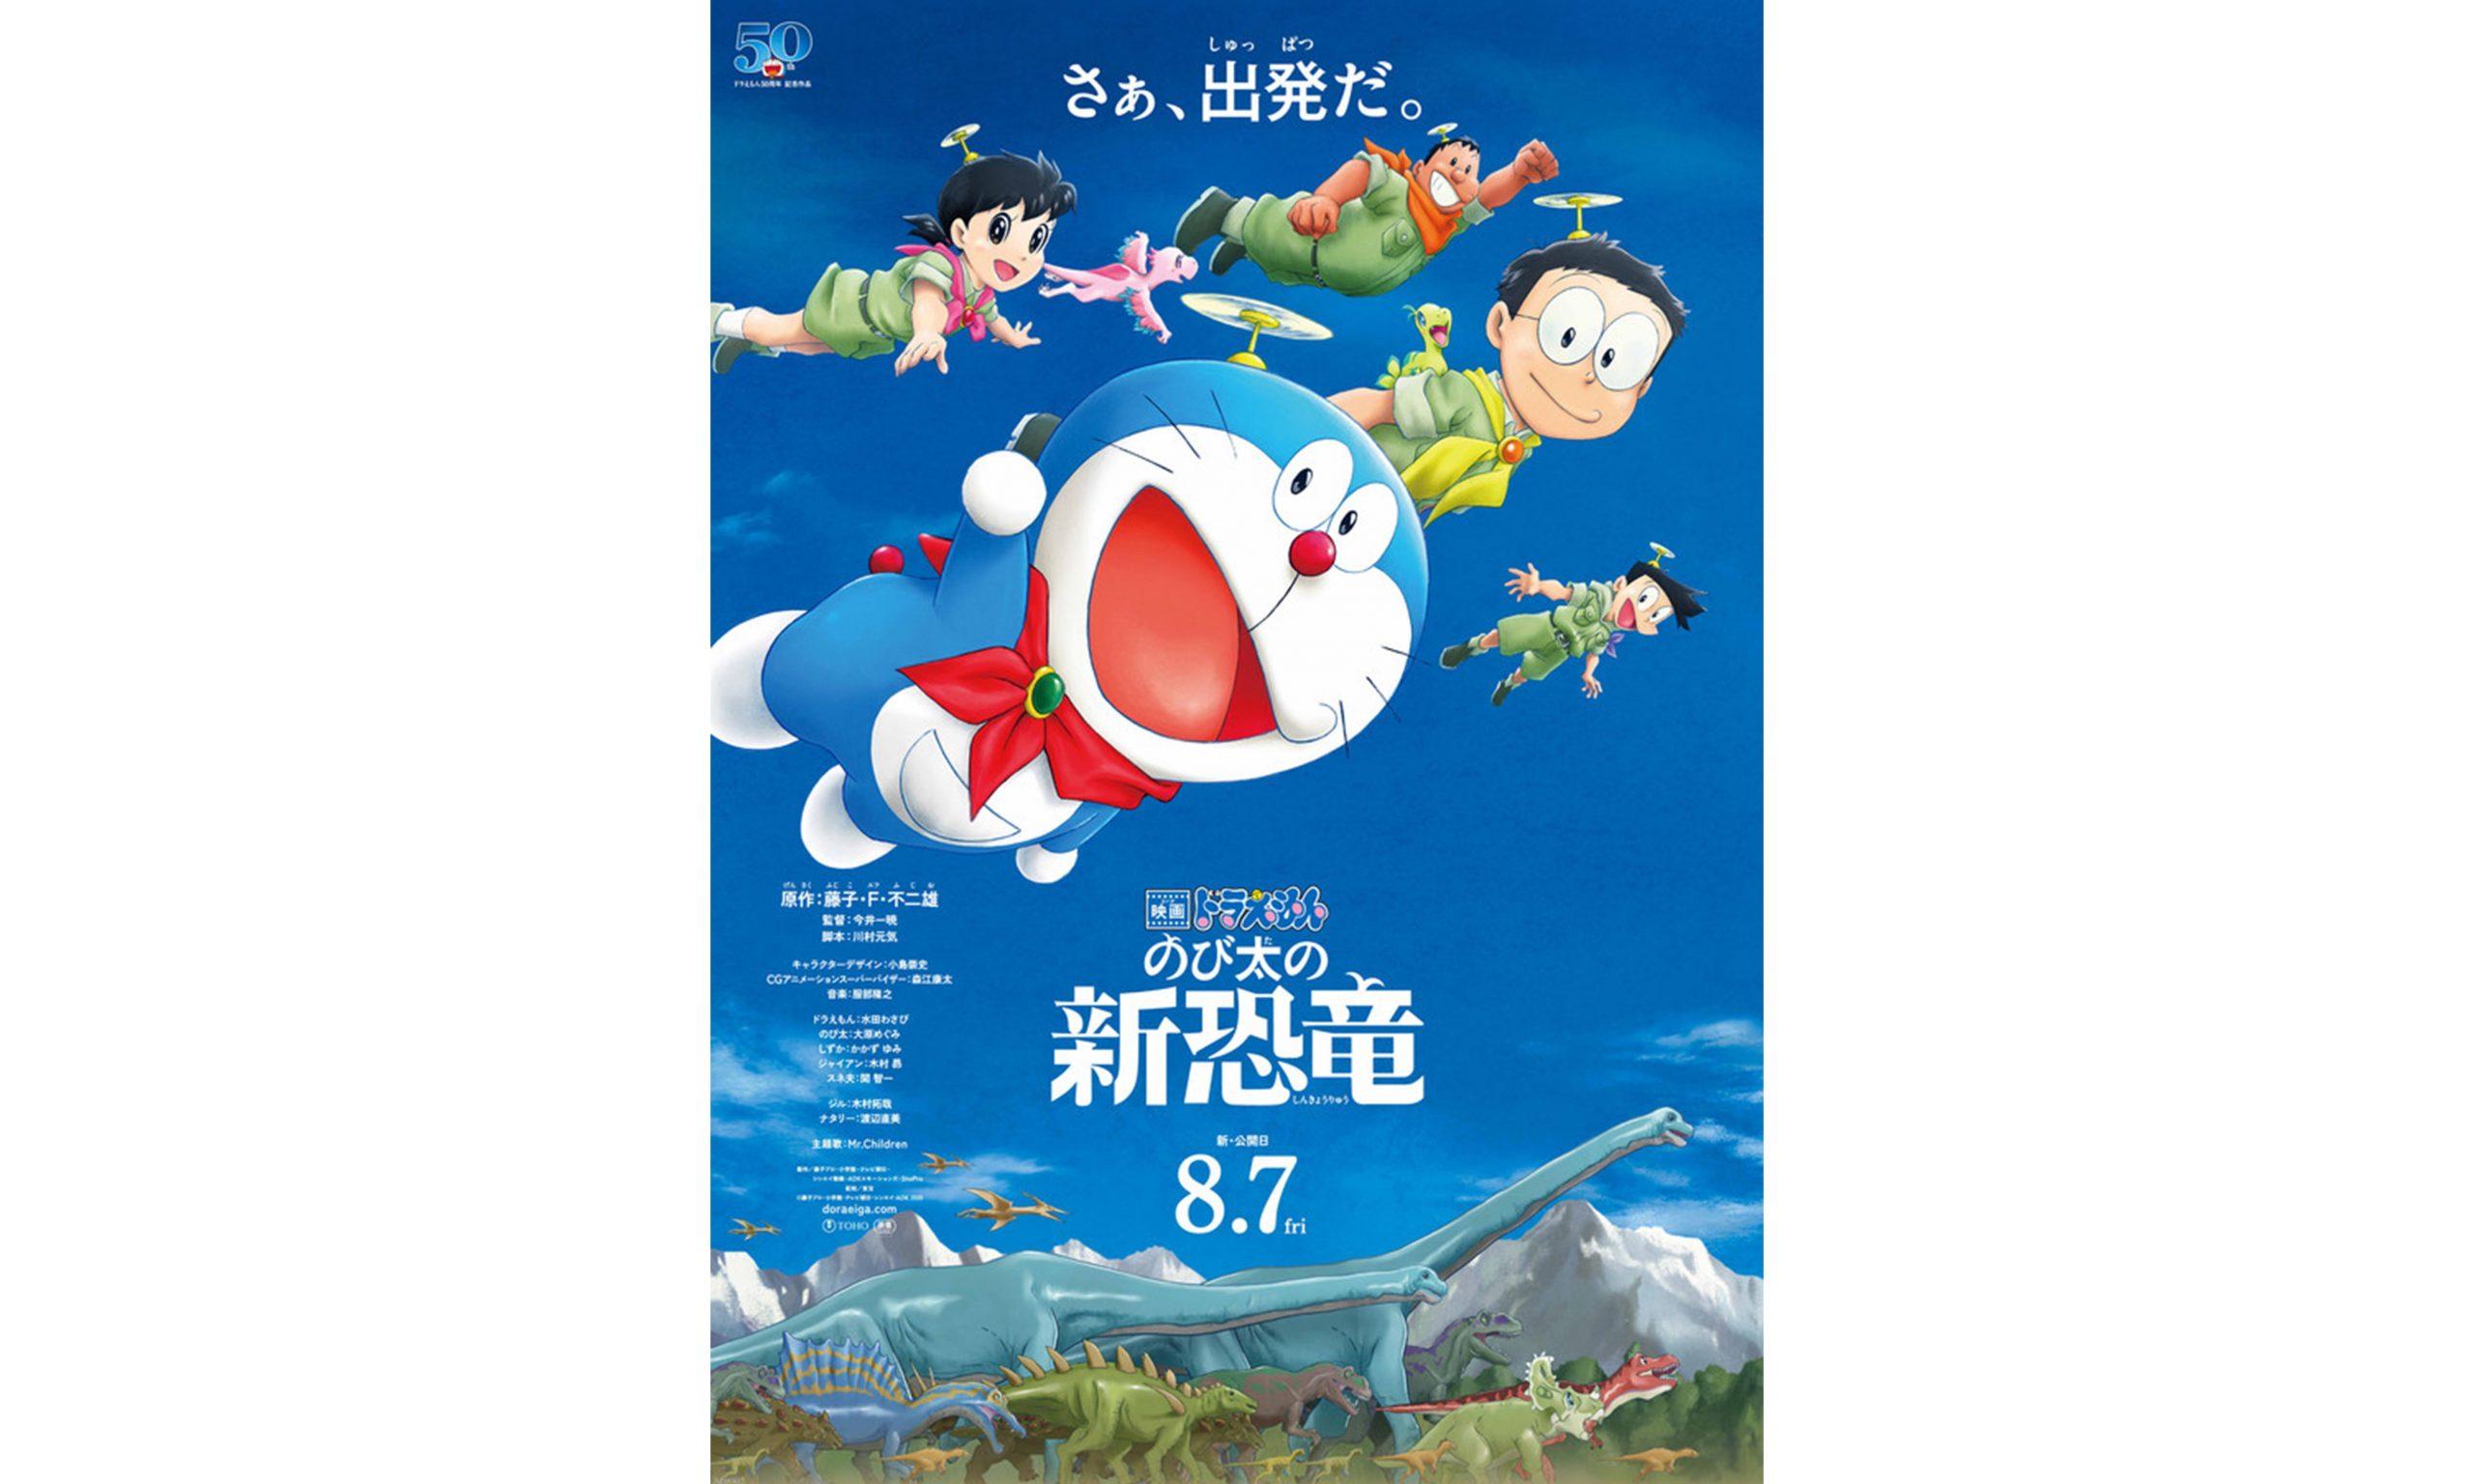 新剧场版《哆啦 A 梦:大雄的新恐龙》定档 8 月 7 日